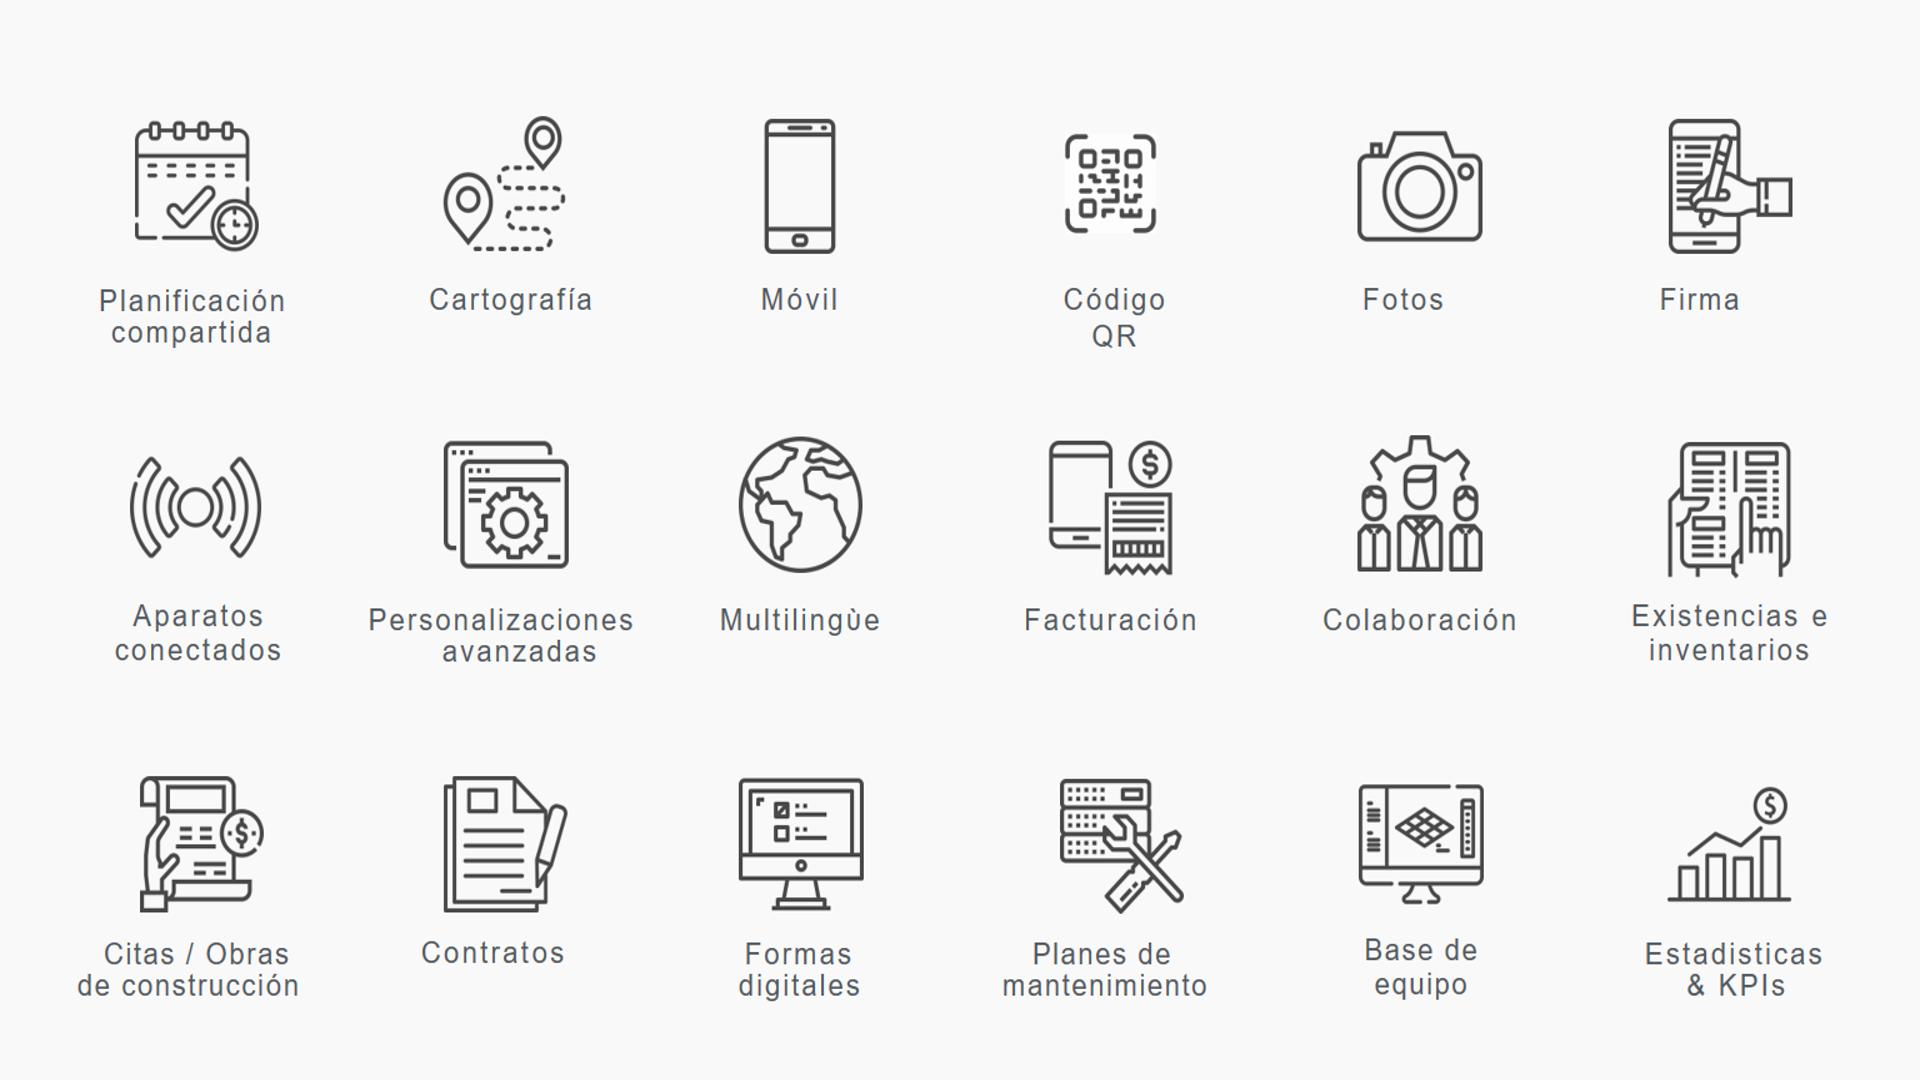 Software del Sistema de Gestión de Mantenimiento Computarizado (CMMS) de Yuman - Lista de características